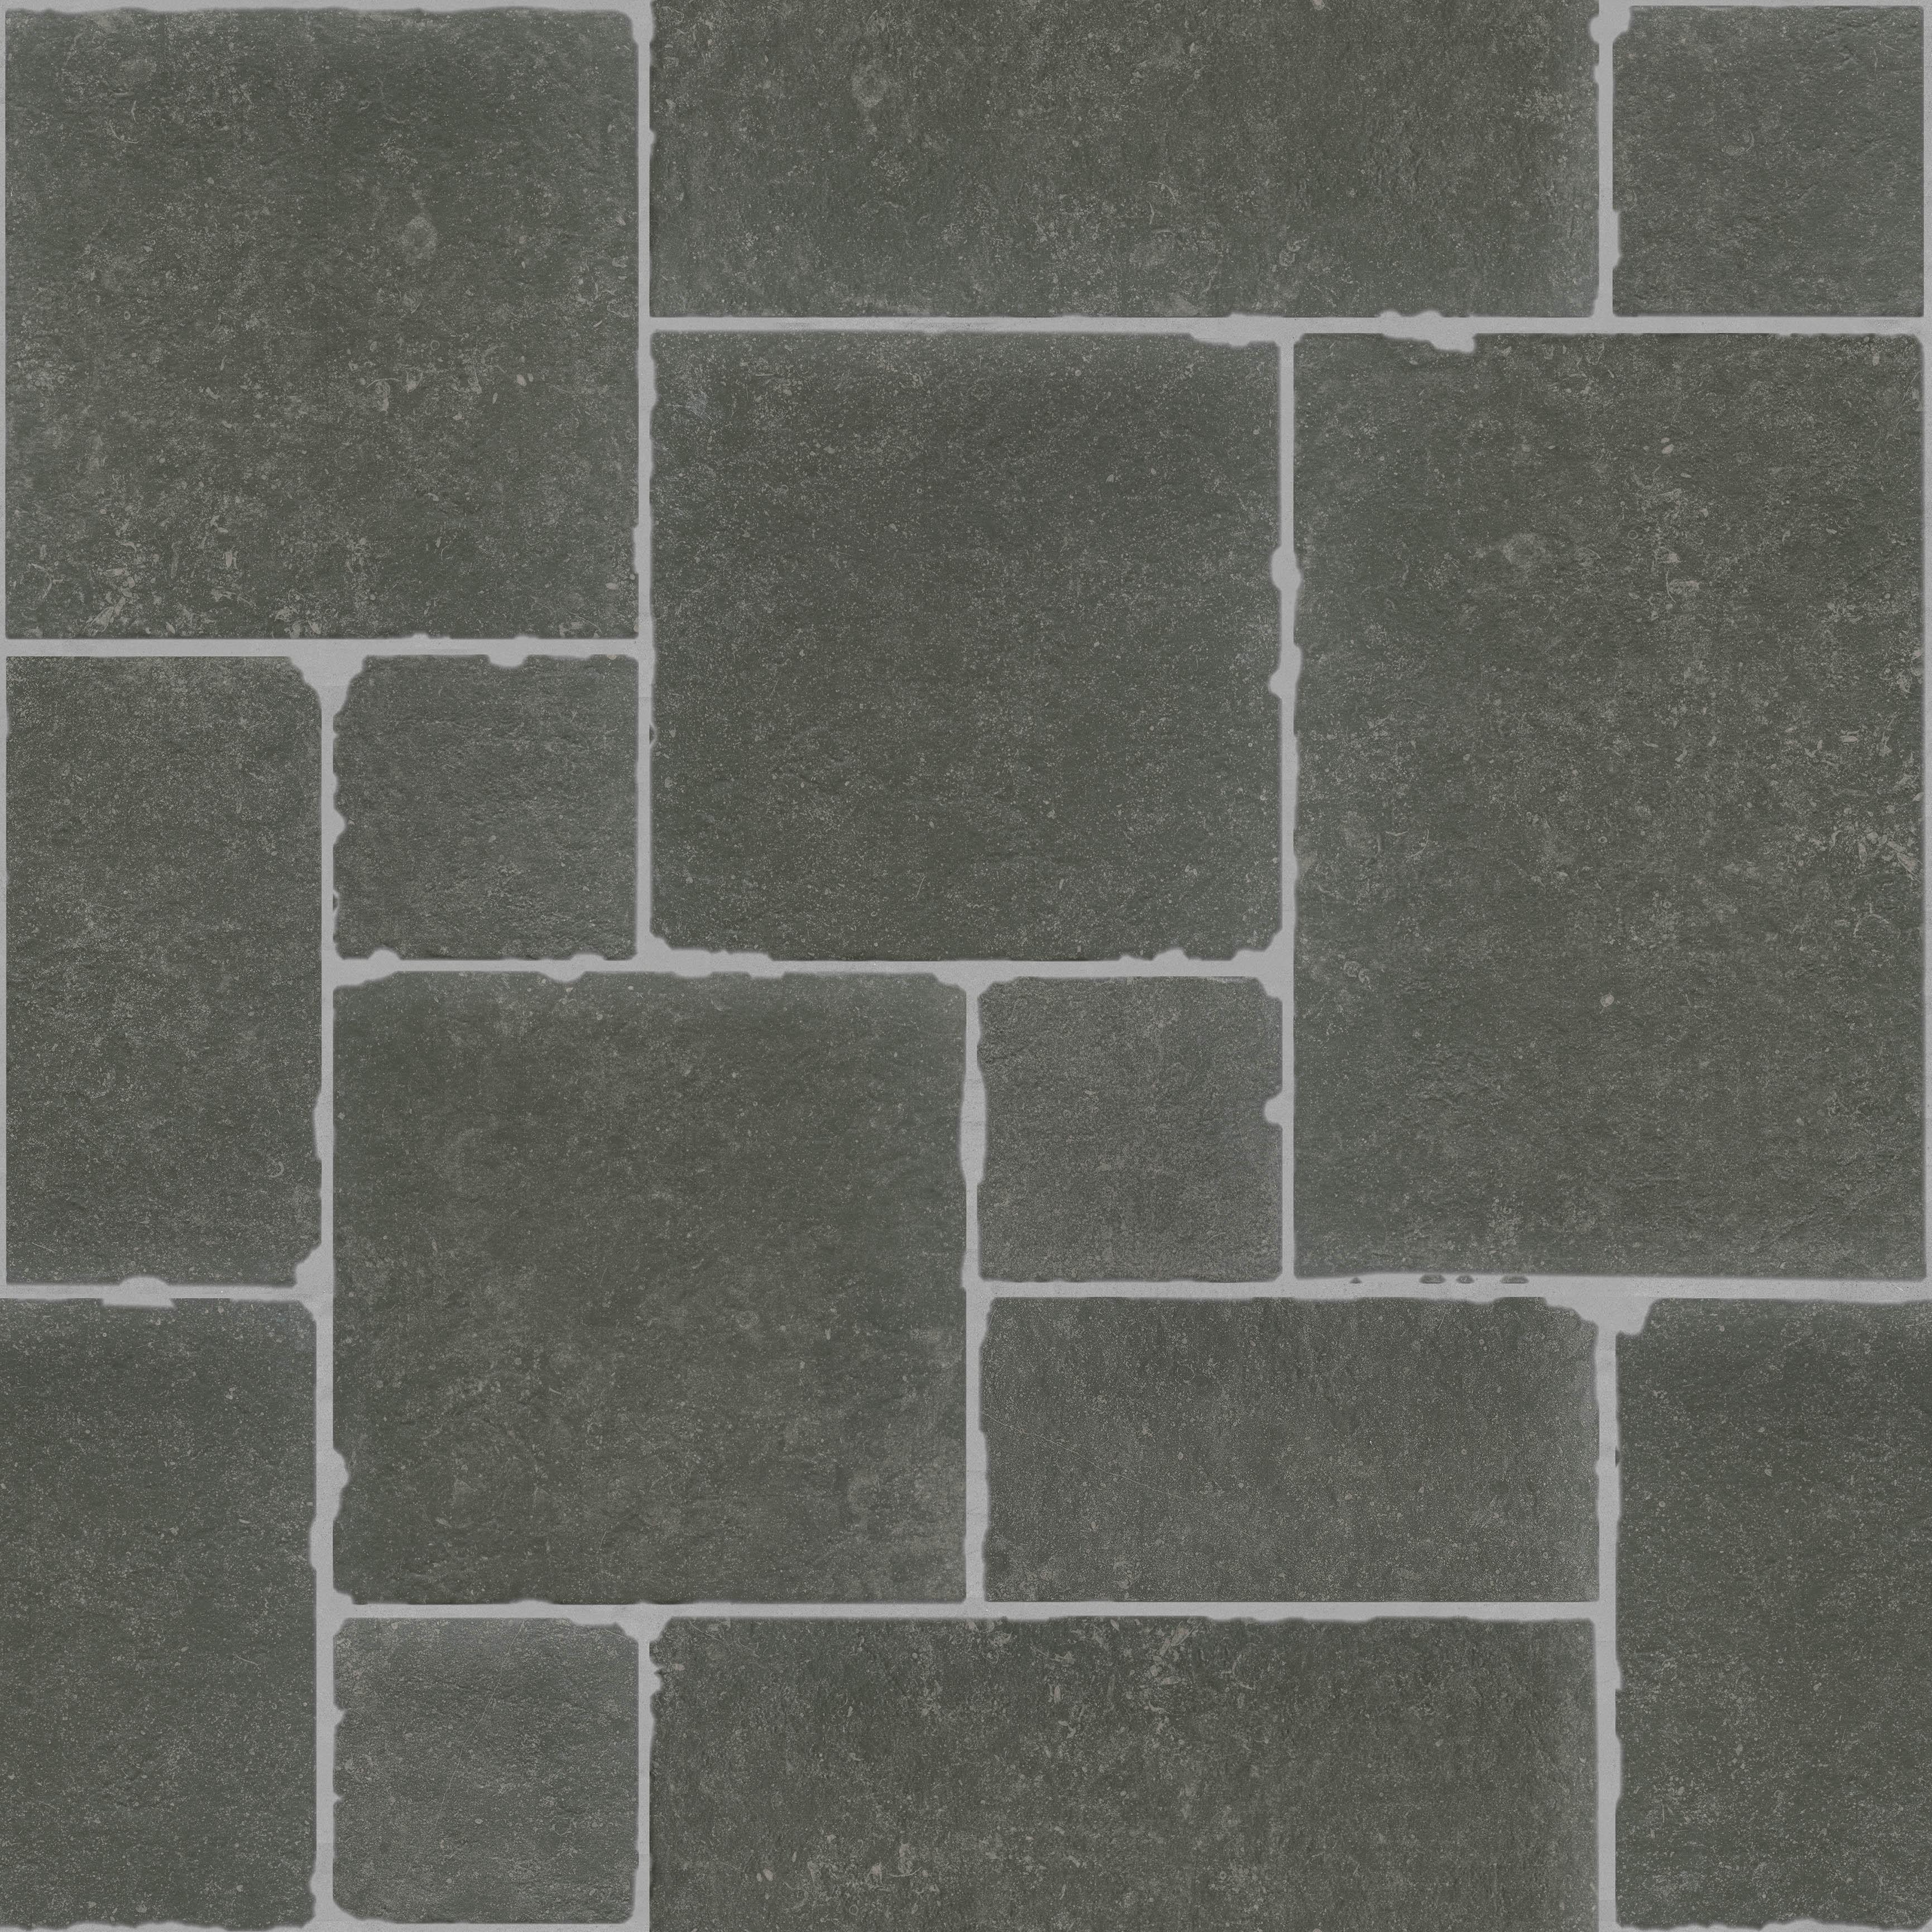 tilestone pierre belge keramische vloertegels impermo